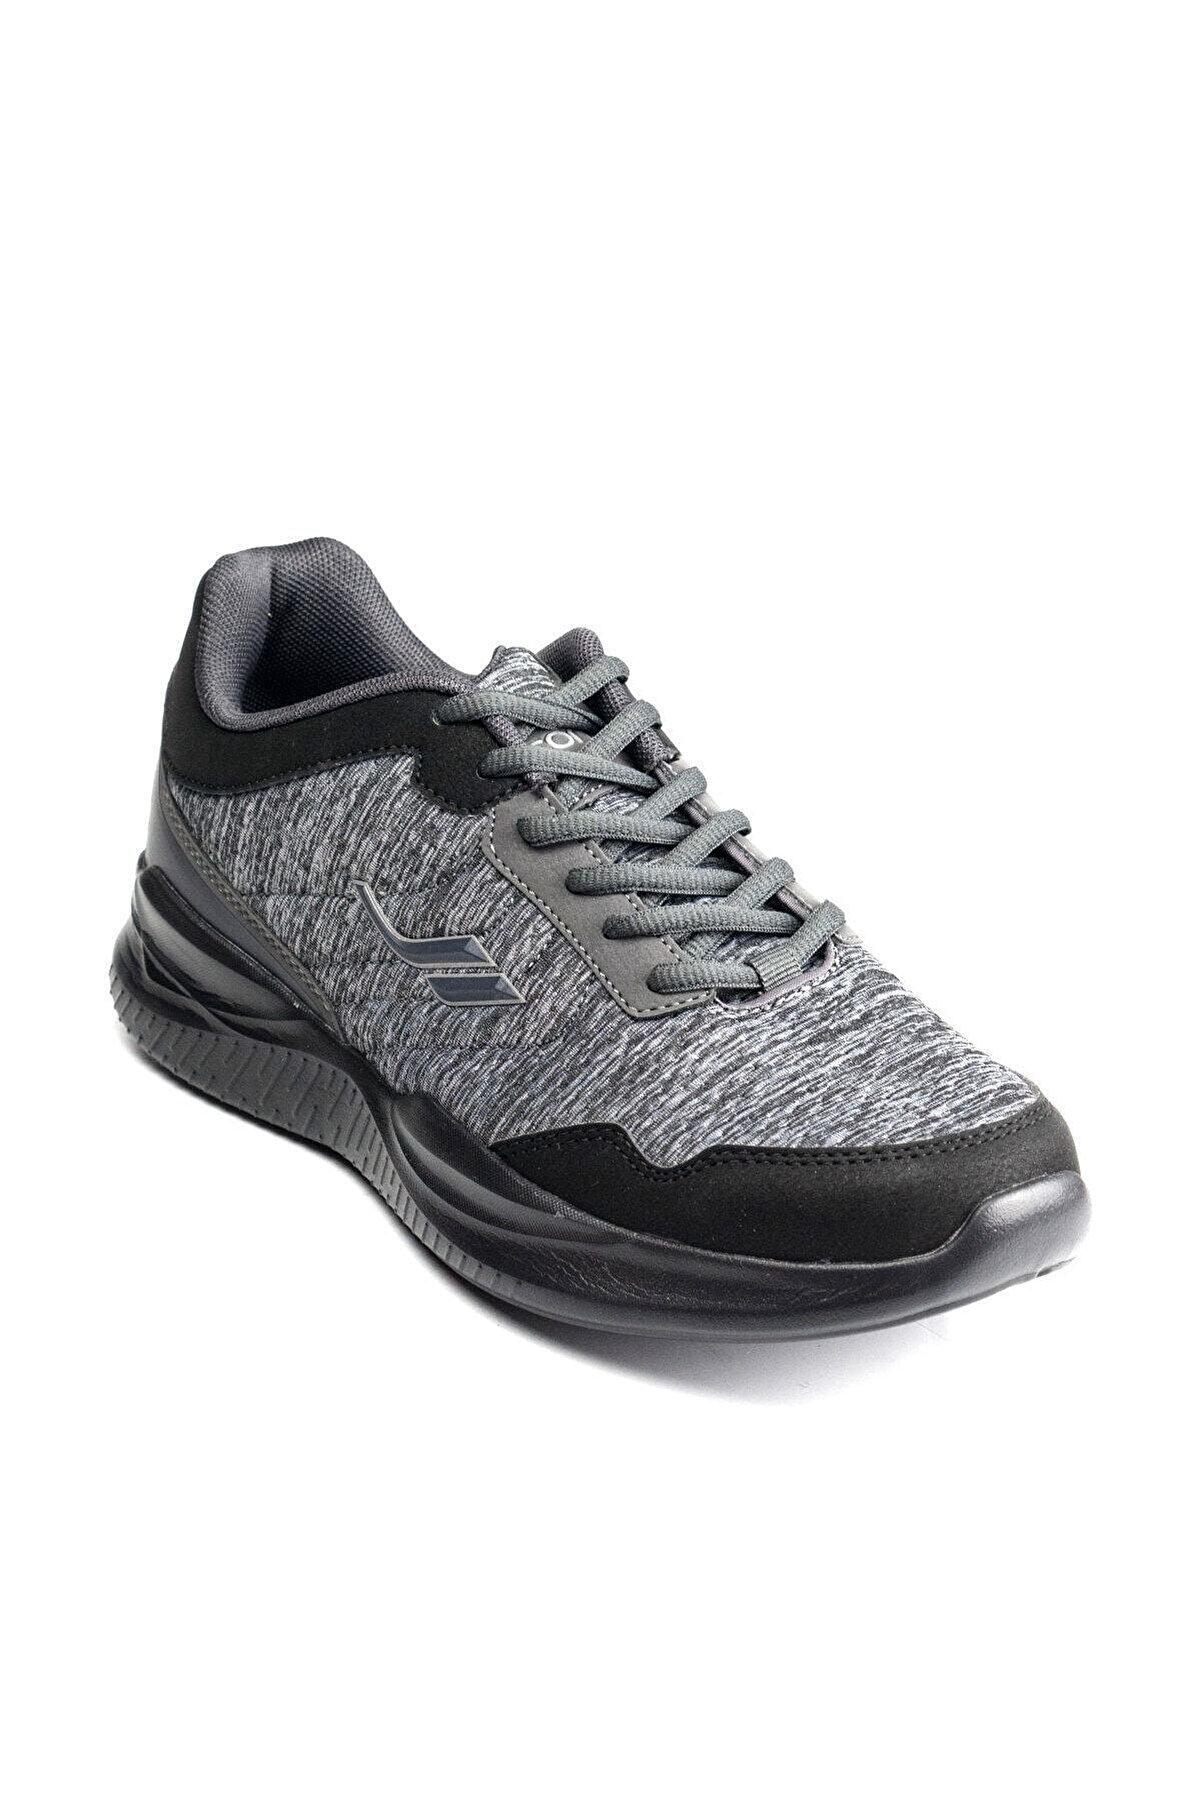 Lescon Füme Erkek Yürüyüş Ayakkabısı 19YLESM6522F